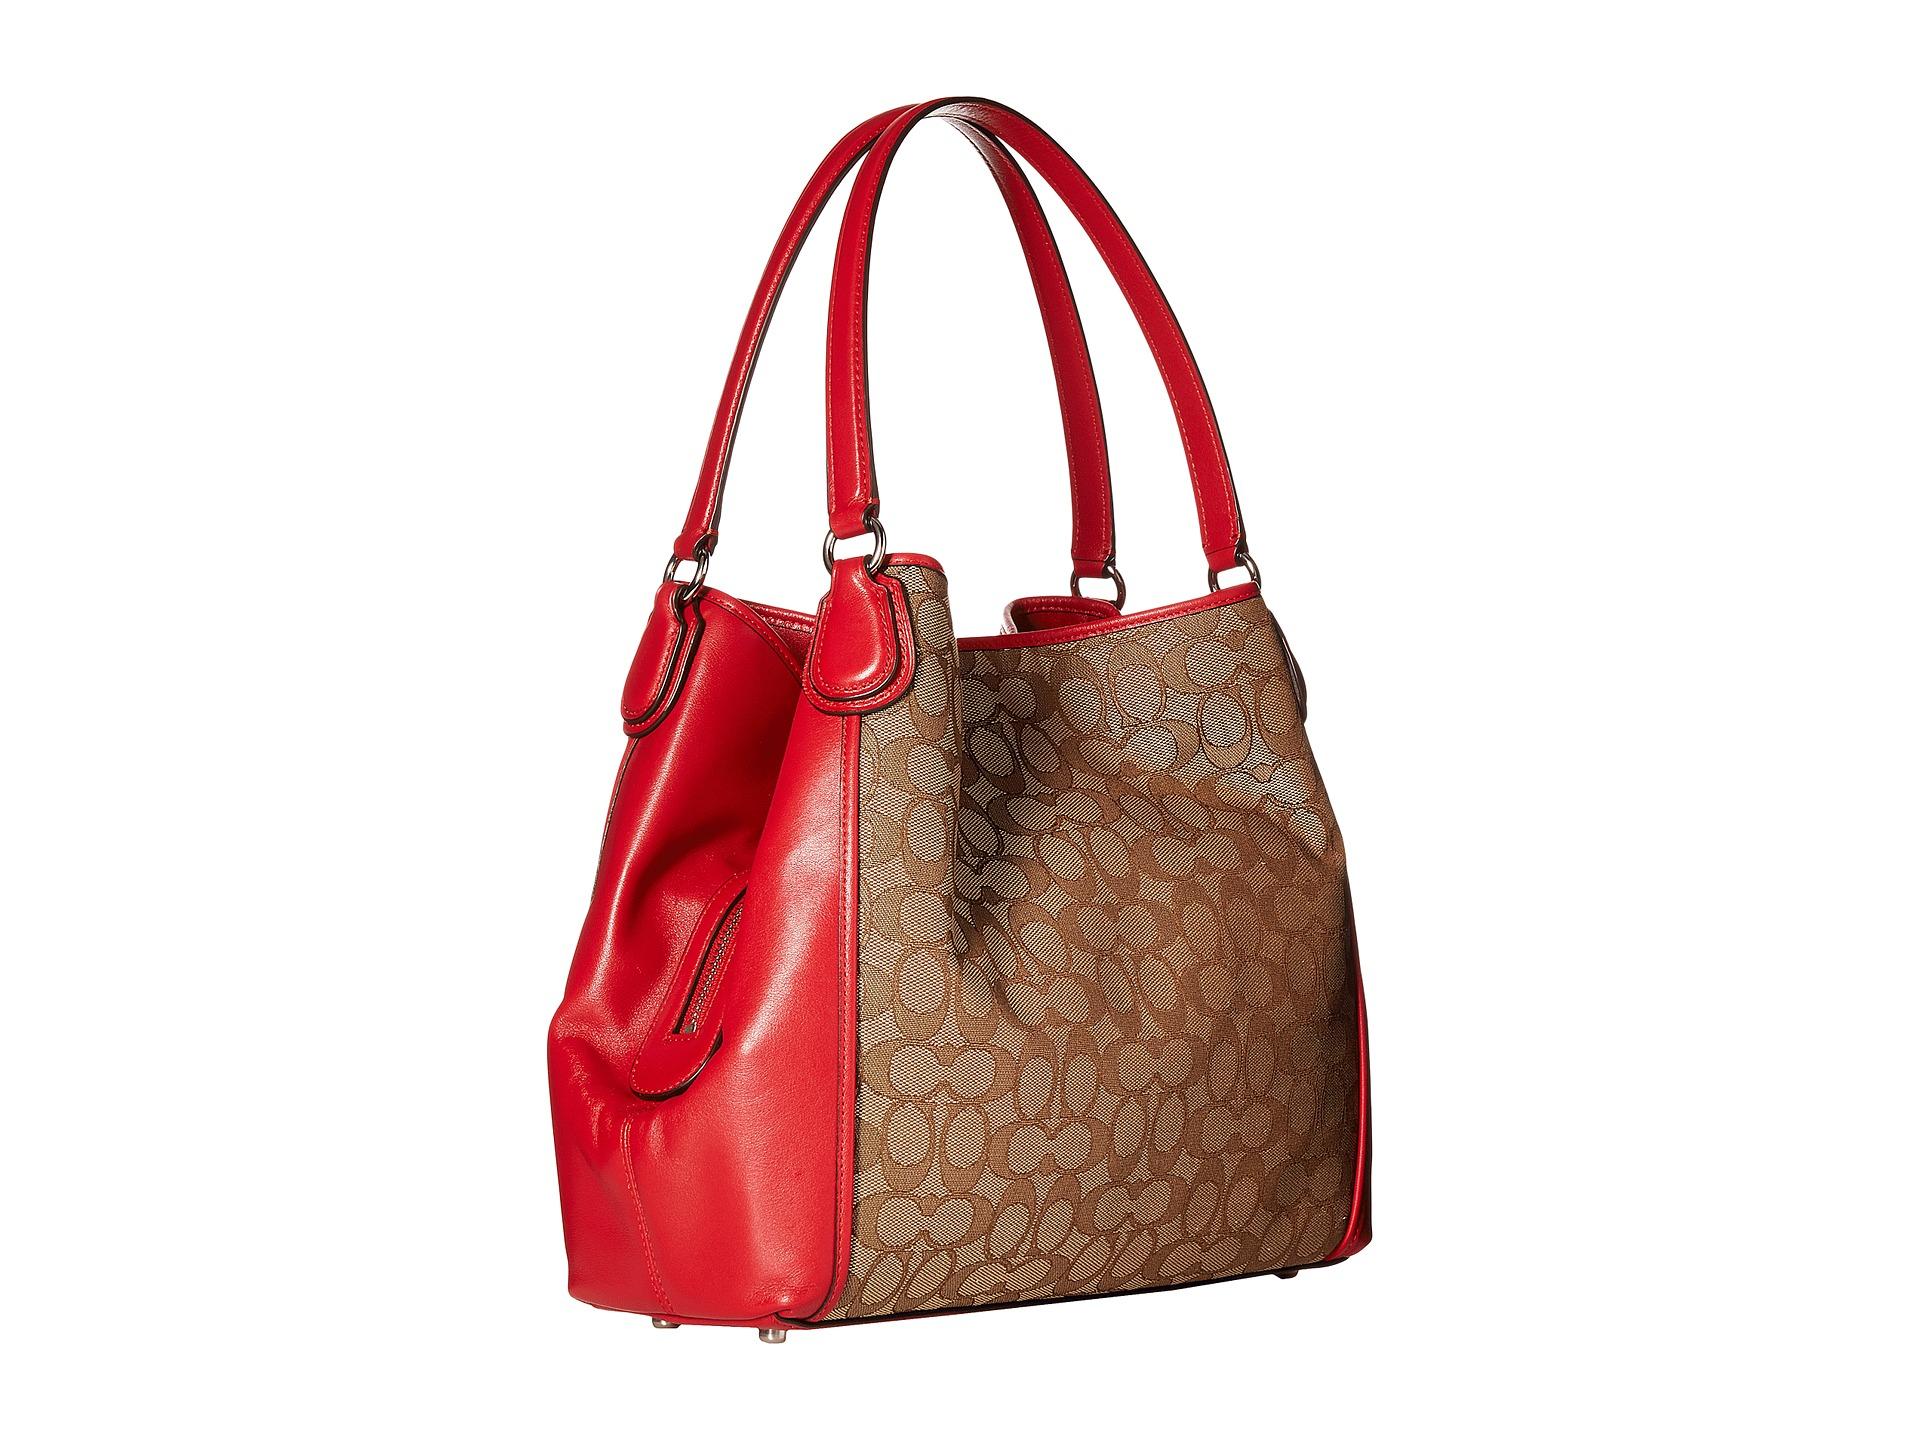 ... Lyst - Coach Signature Edie 31 Shoulder Bag in Natural wholesale dealer  70e2f f3a85 ... f4641b063183e